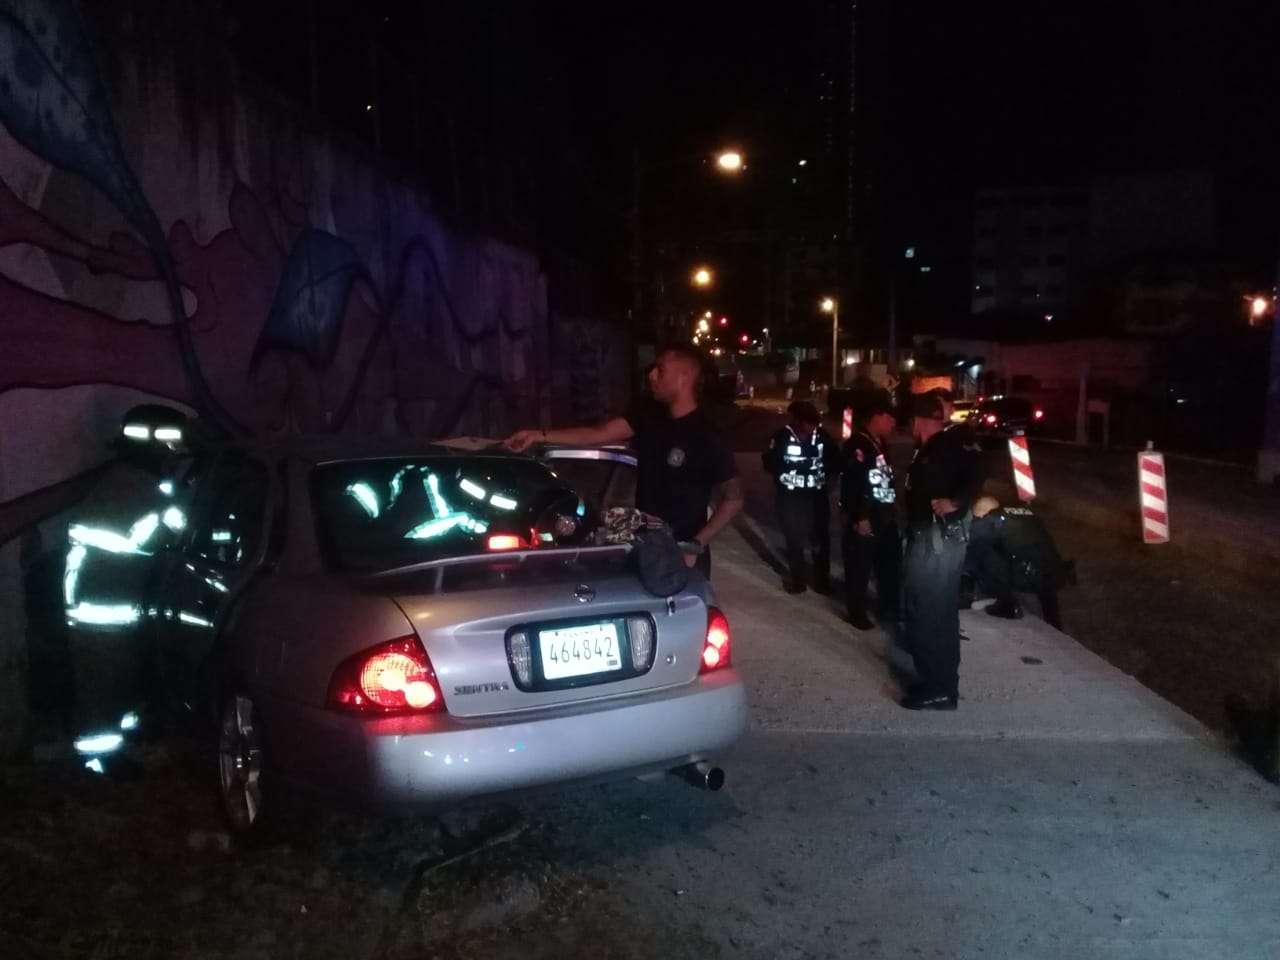 Vistas de la escena del accidente. Foto: Félix Corella.